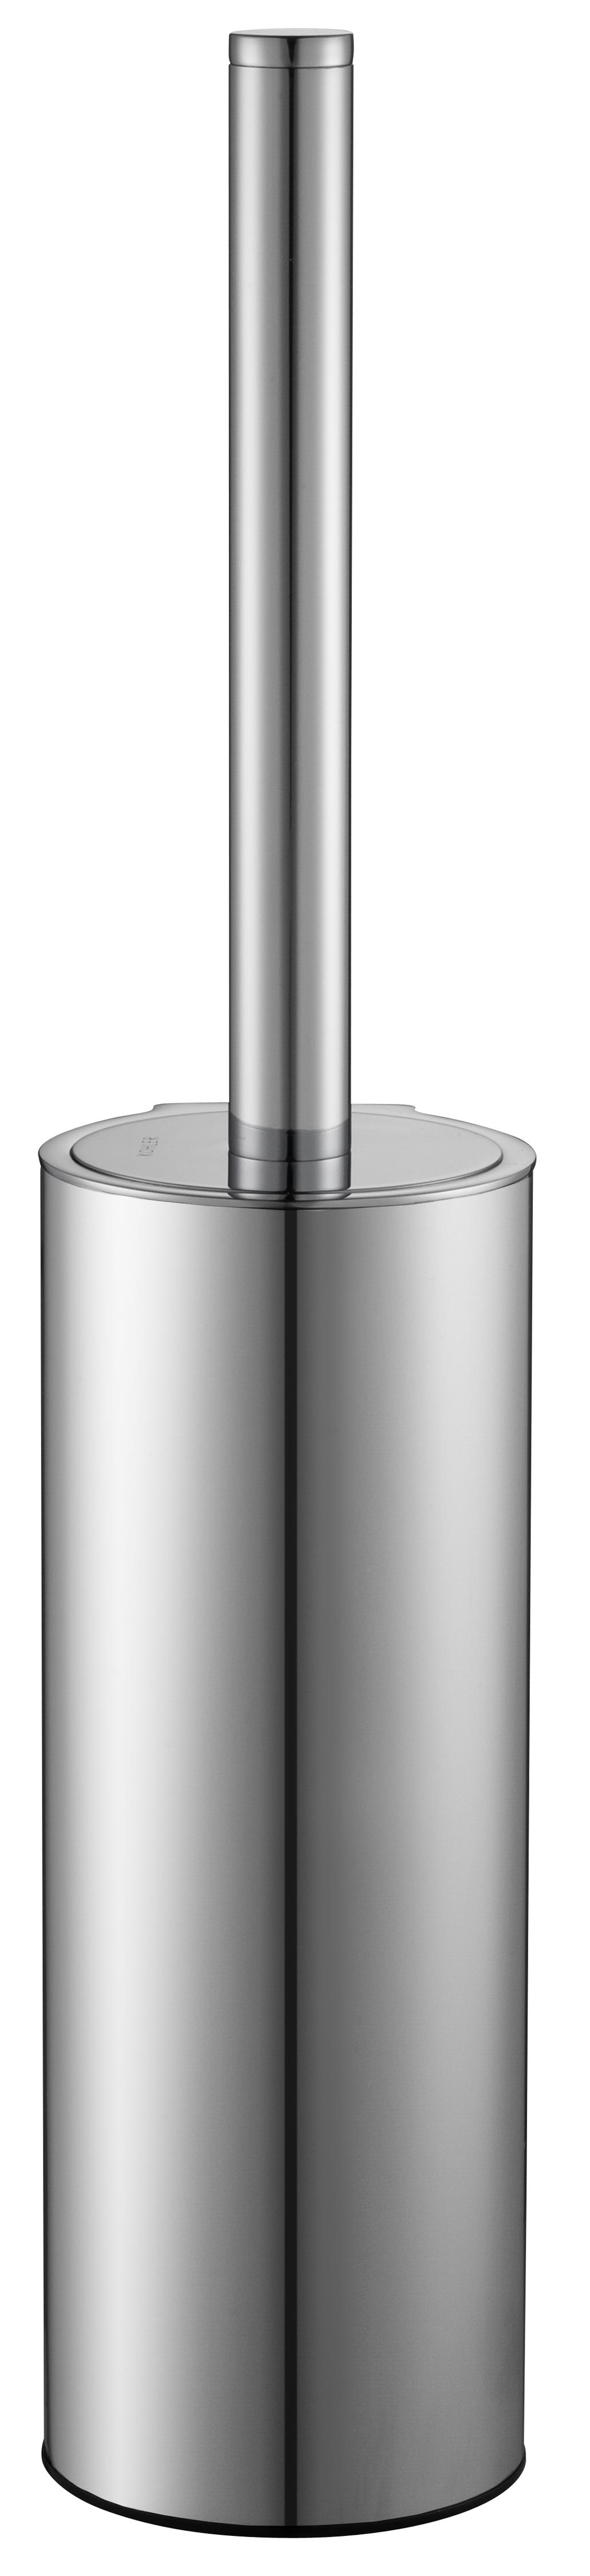 Ёршик Jacob delafon 15222d-cp singulier смеситель для раковины умывальника коллекция singulier e10861 cp однорычажный хром jacob delafon якоб делафон